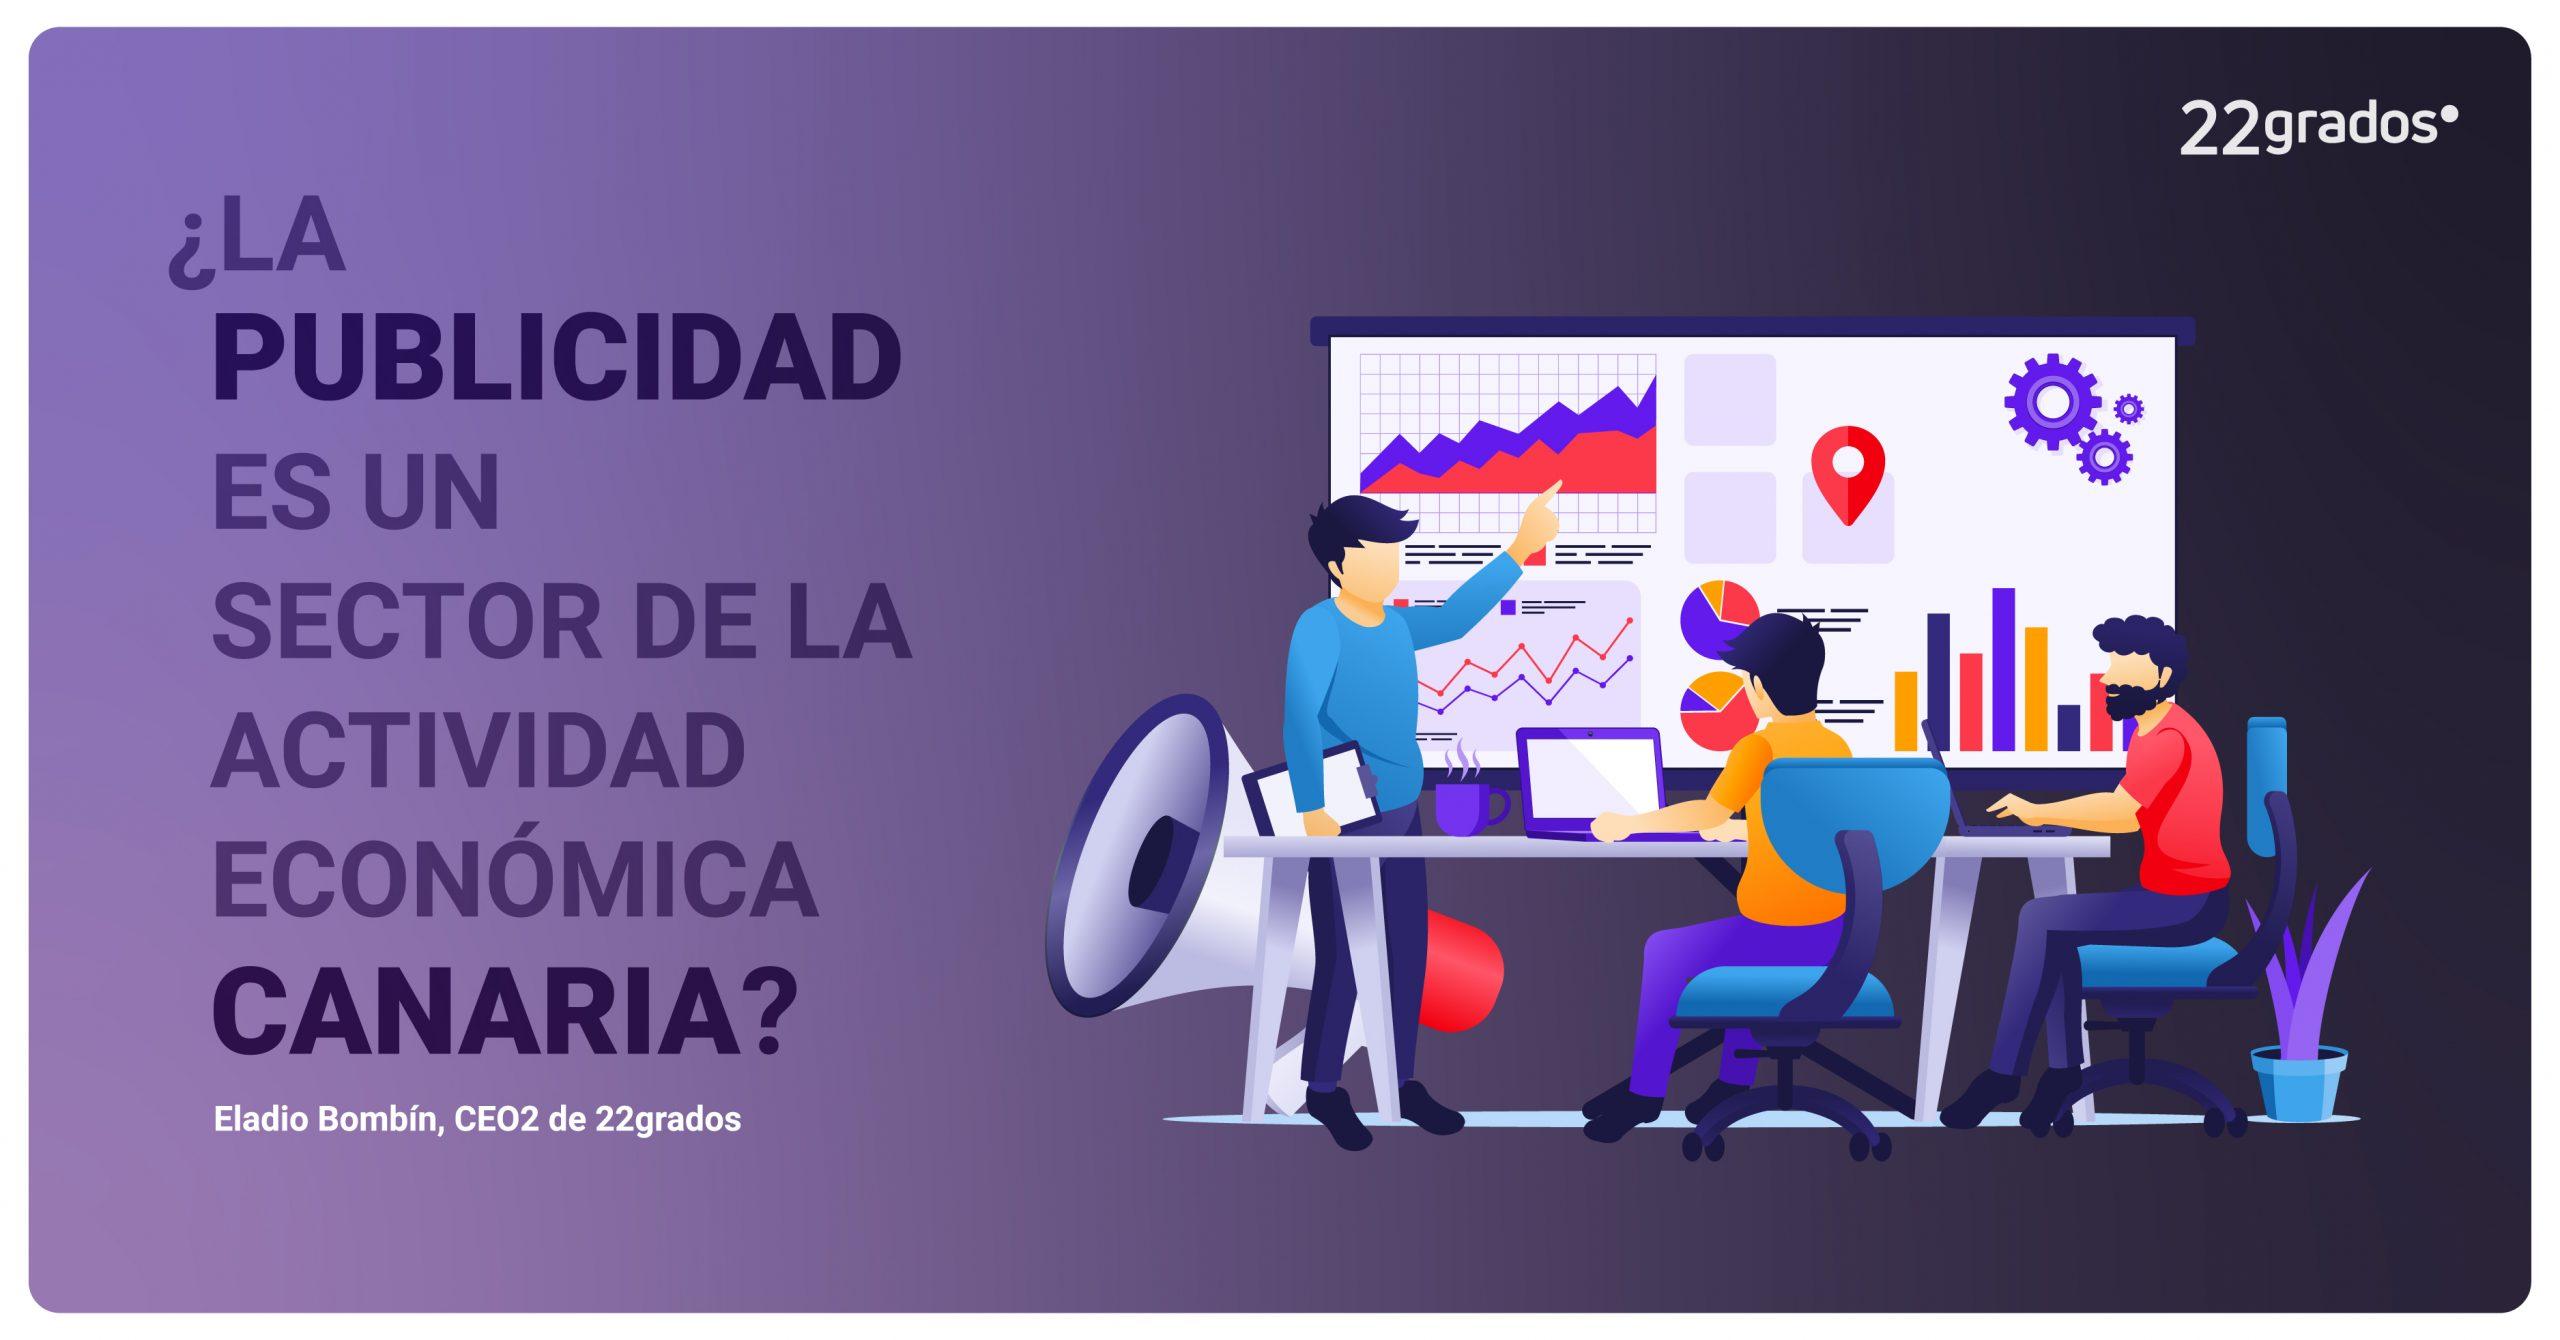 ¿La publicidad en Canarias es un verdadero sector de la actividad económica?